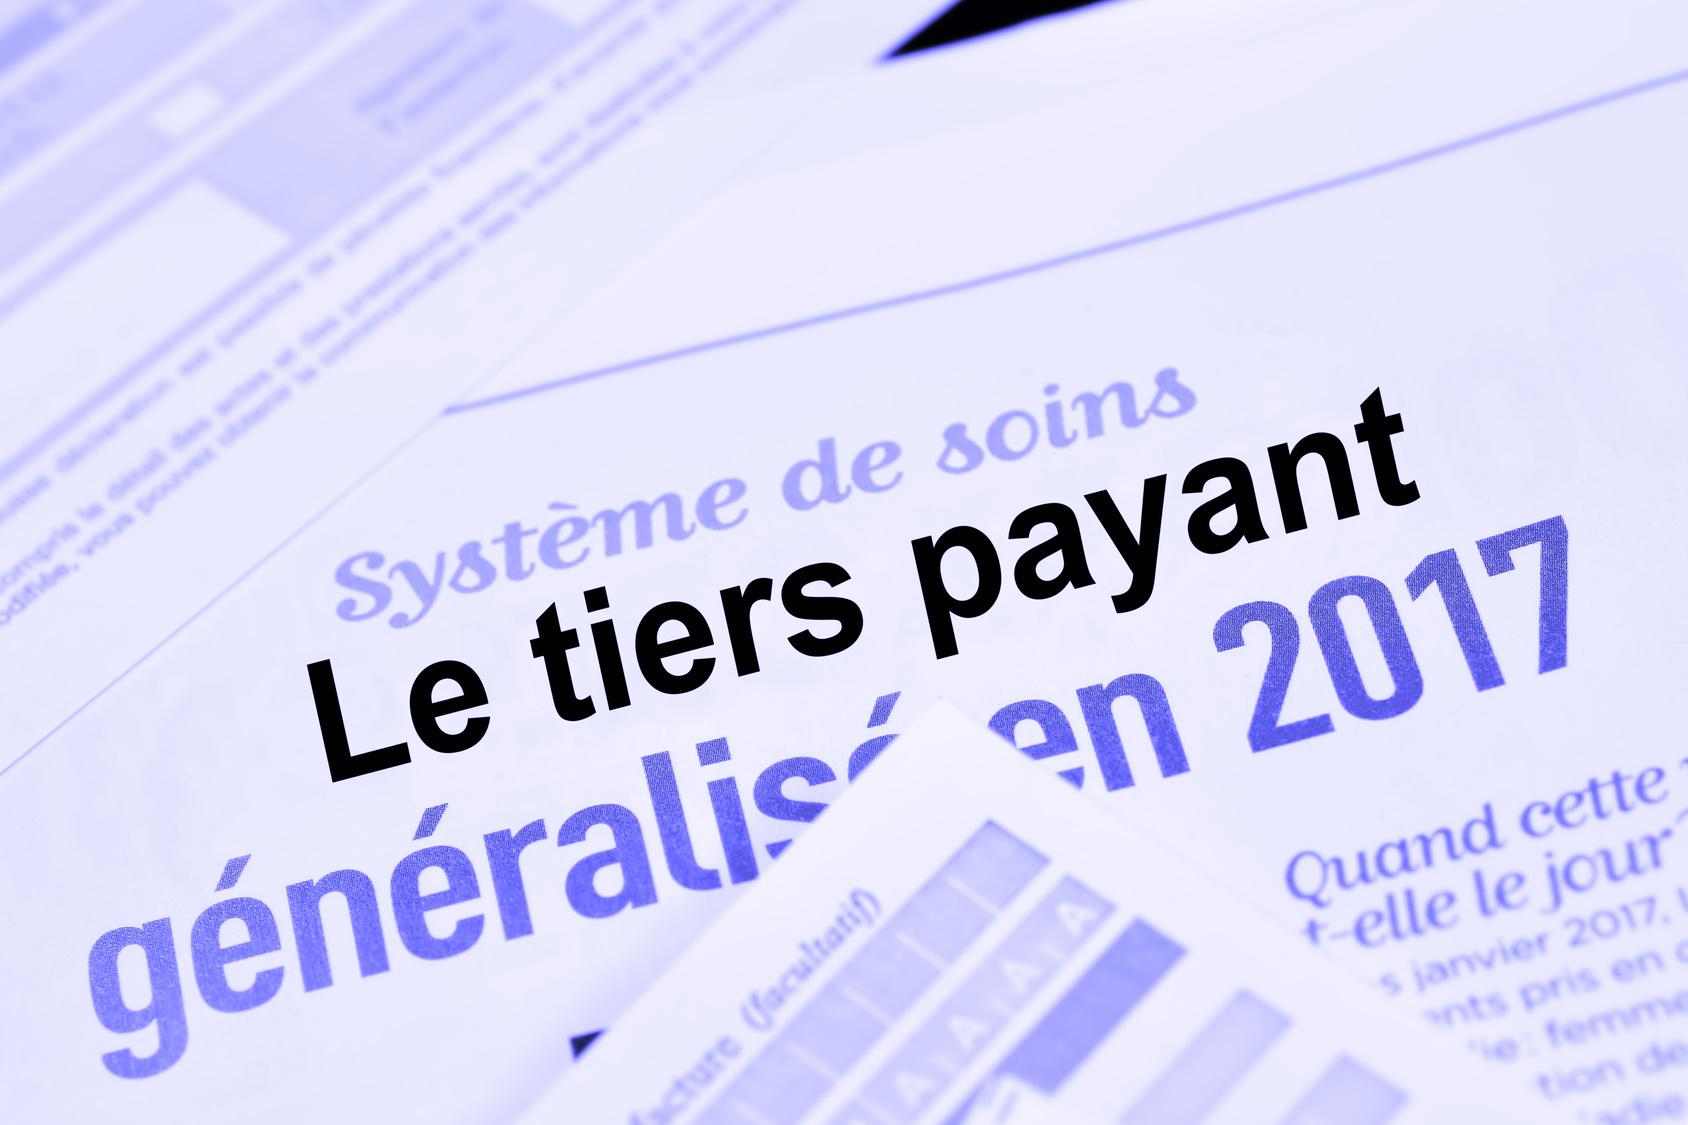 Tiers payant généralisé